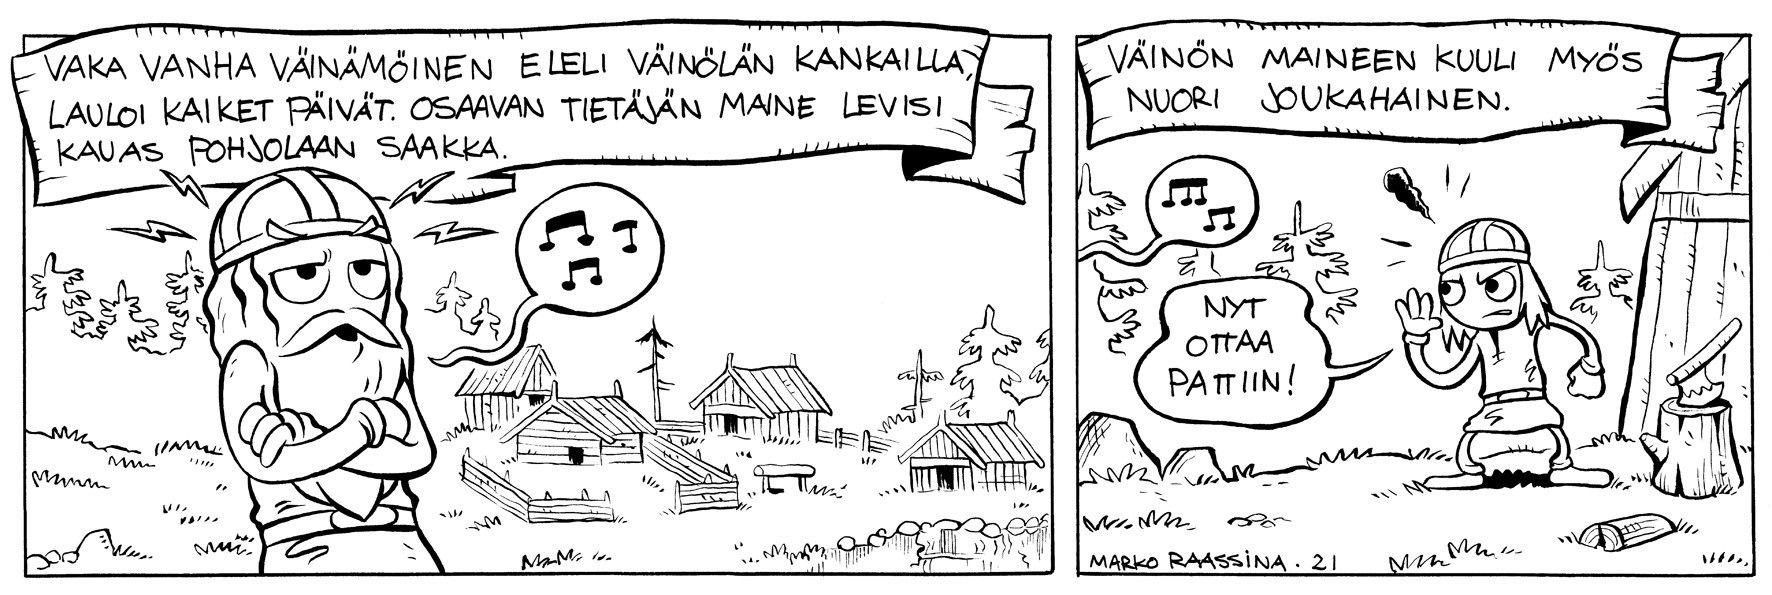 Suomalainen Sarjakuva